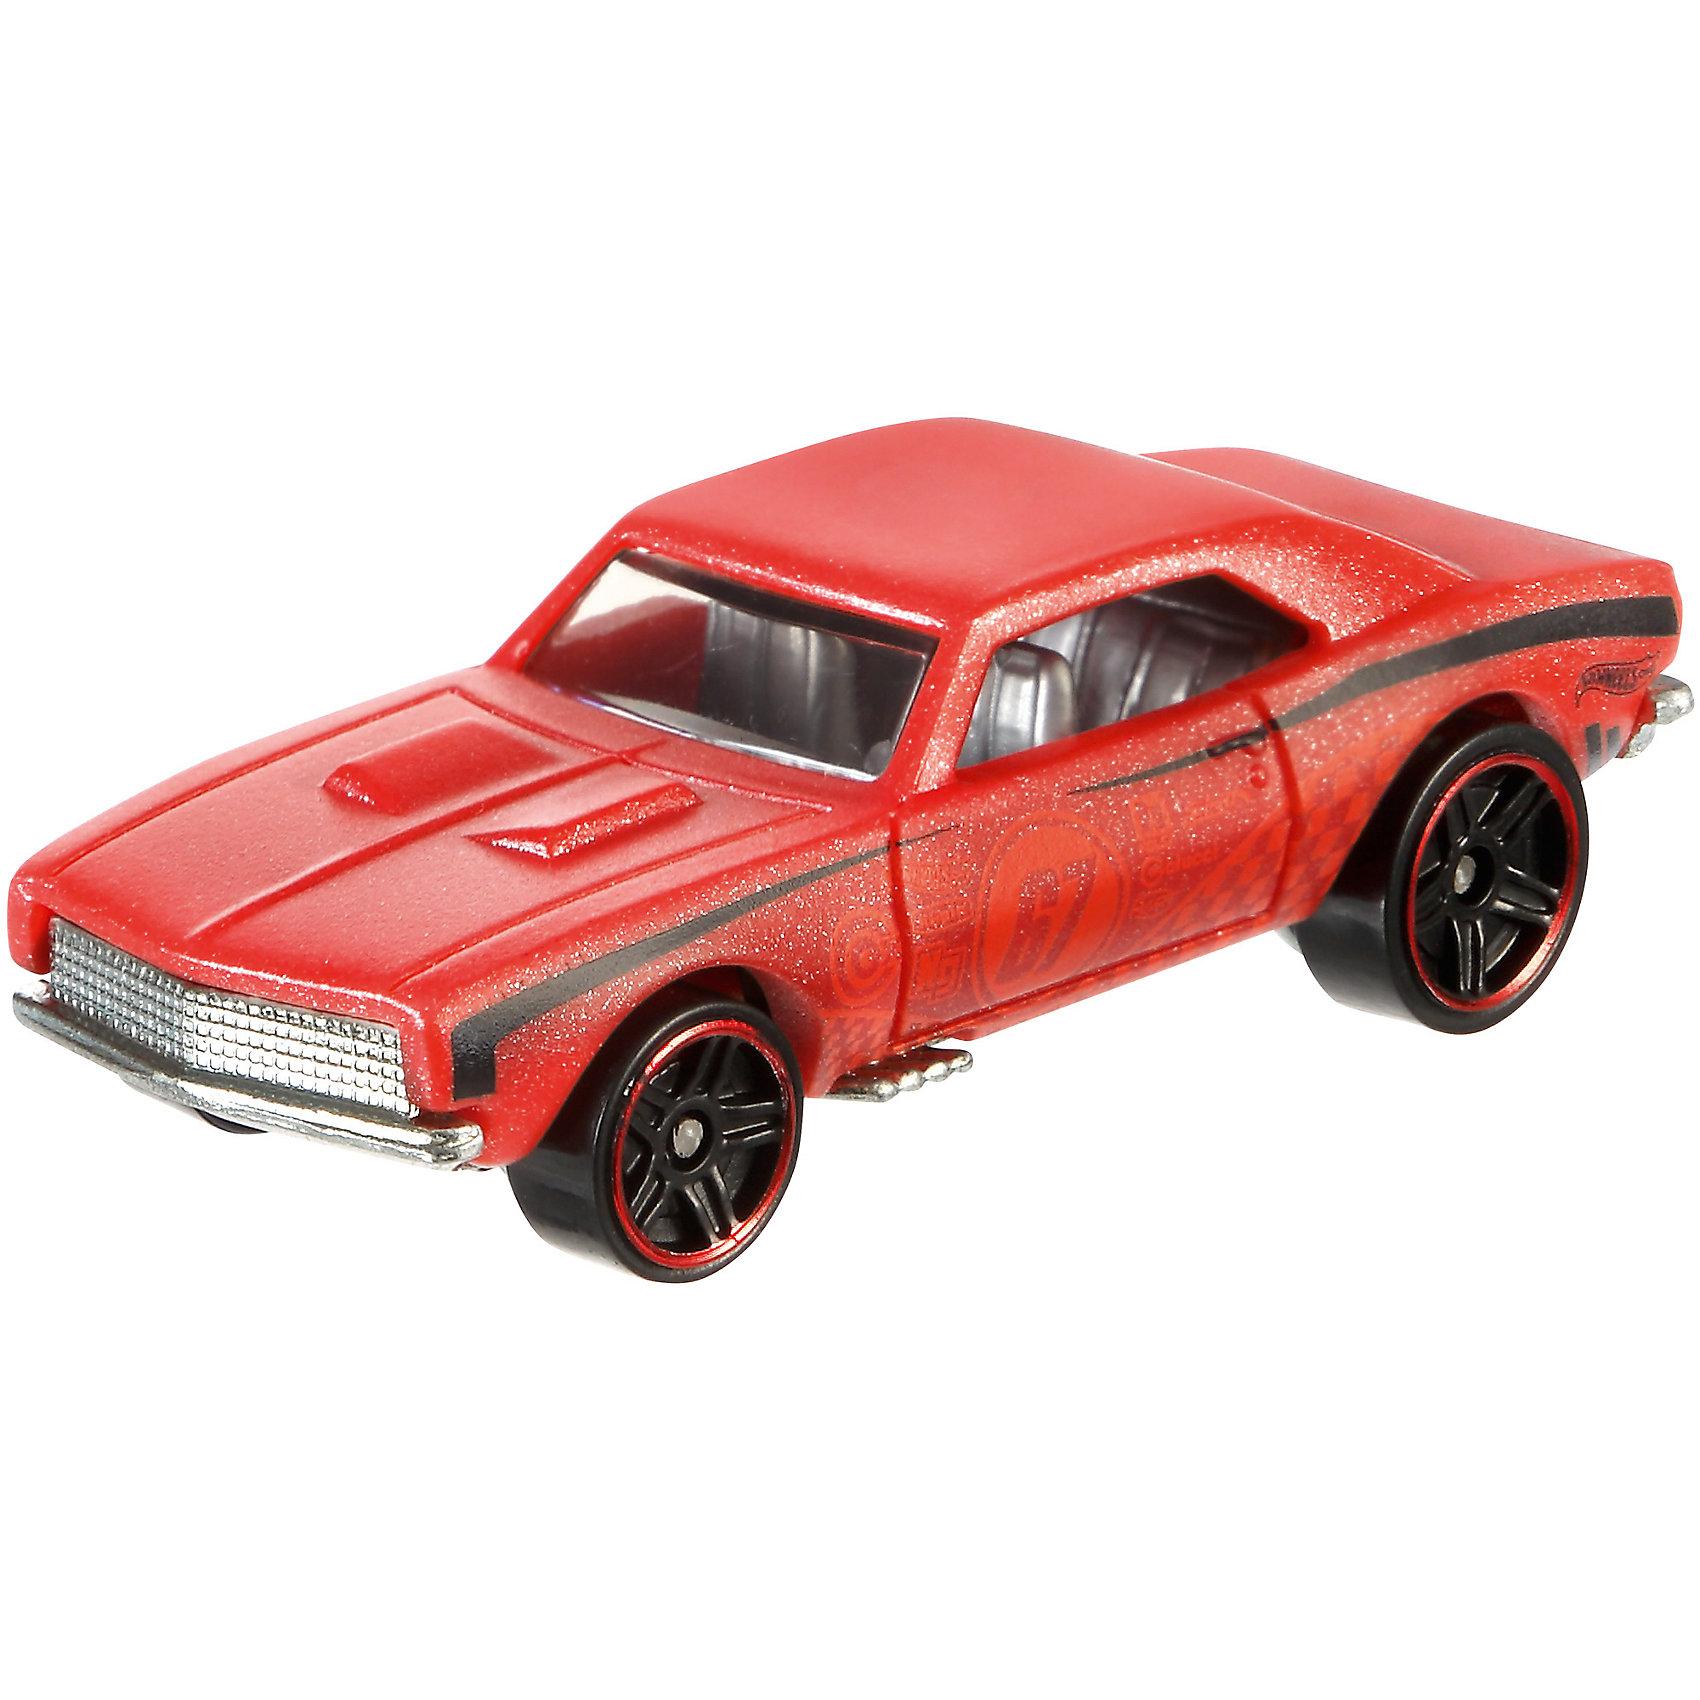 Меняющая цвет машинка COLOR SHIFTERS, Hot WheelsПопулярные игрушки<br>Меняющая цвет машинка COLOR SHIFTERS, Hot Wheels - это миниатюрная копия реального автомобиля Hot Wheels, который выпускается с 1968 года. При ее разработке использовались оригинальные чертежи. Изделие отличается высокой степенью детализации. Корпус модели с эффектной аэрографией выполнен из металла в сочетании с пластиком. А самое главное он может менять цвет и возвращать первоначальный при помощи воды разной температуры. Все материалы безопасны для детского здоровья и отличаются высокой прочностью, благодаря чему машинка не потеряет первоначального вида даже после долгого использования.<br><br>Дополнительная информация:<br><br>- возраст: от 3 лет.<br>- материал: металл, пластик.<br>- размер упаковки: 12*11*3 см.<br>- бренд: Mattel<br>- страна обладатель бренда: США.<br><br>Меняющую цвет машинку COLOR SHIFTERS, Hot Wheels (Хот вилс), можно купить в нашем магазине.<br><br>Ширина мм: 166<br>Глубина мм: 126<br>Высота мм: 32<br>Вес г: 47<br>Возраст от месяцев: 36<br>Возраст до месяцев: 84<br>Пол: Мужской<br>Возраст: Детский<br>SKU: 5047659